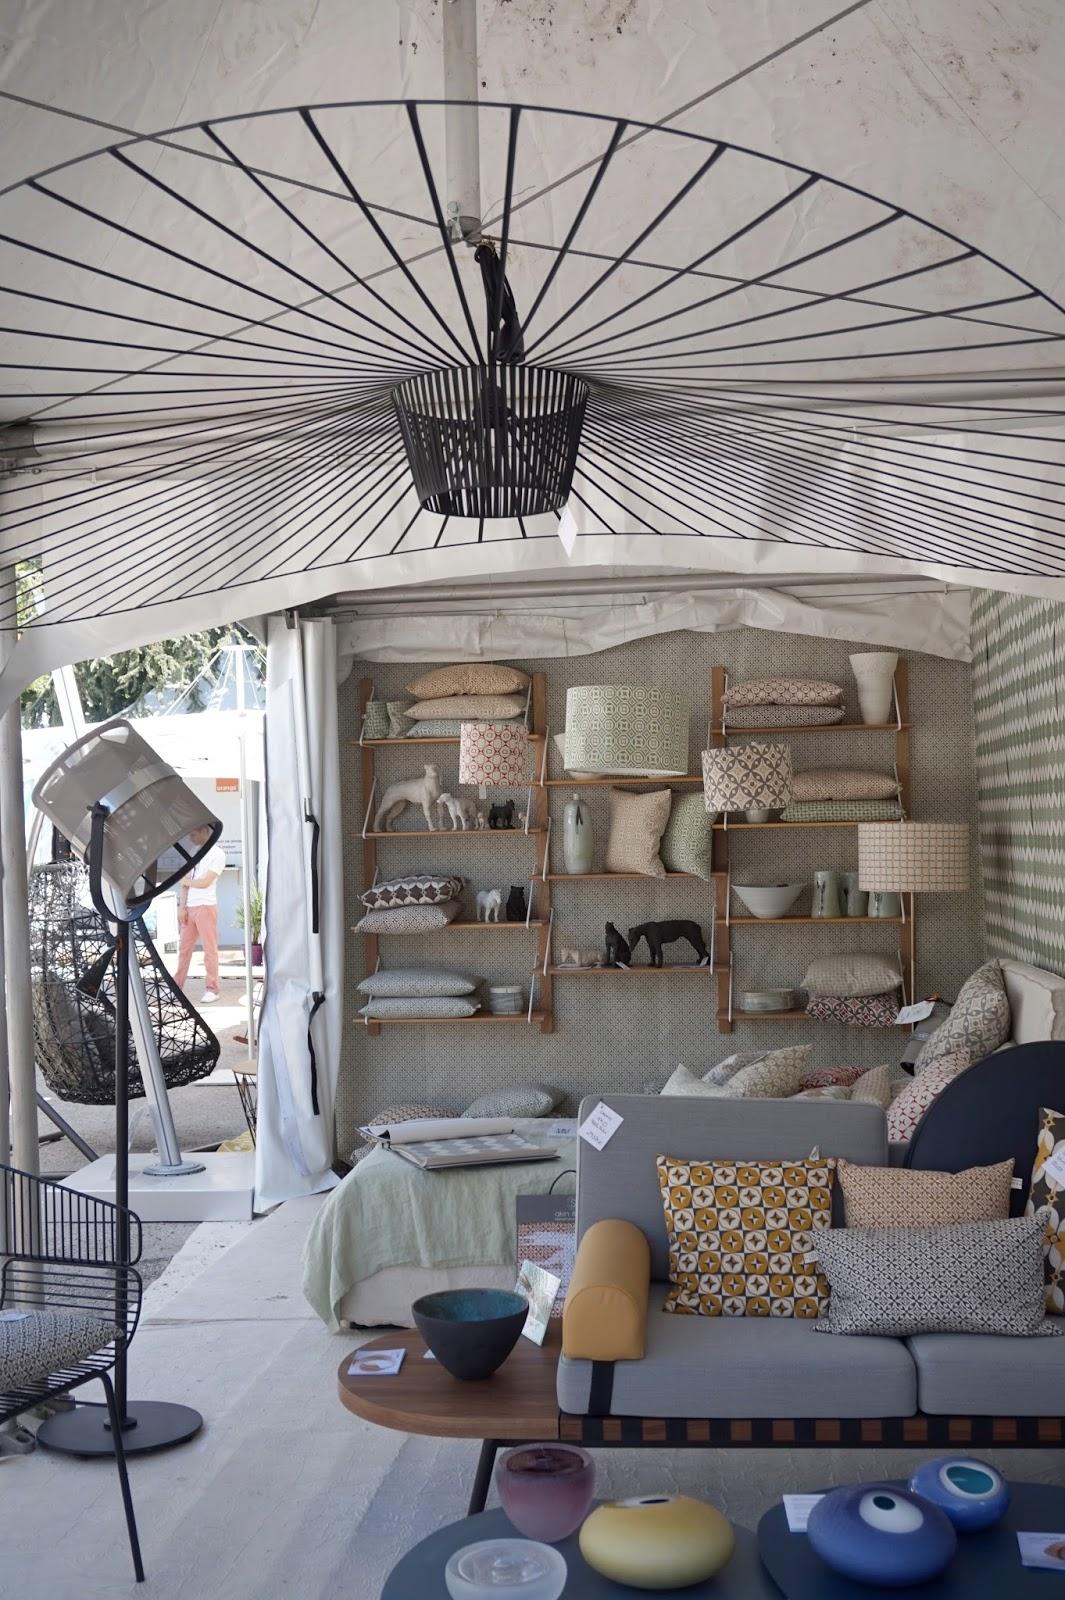 interior crisp blog sur la d coration int rieure des visites de maisons et des id es d co. Black Bedroom Furniture Sets. Home Design Ideas